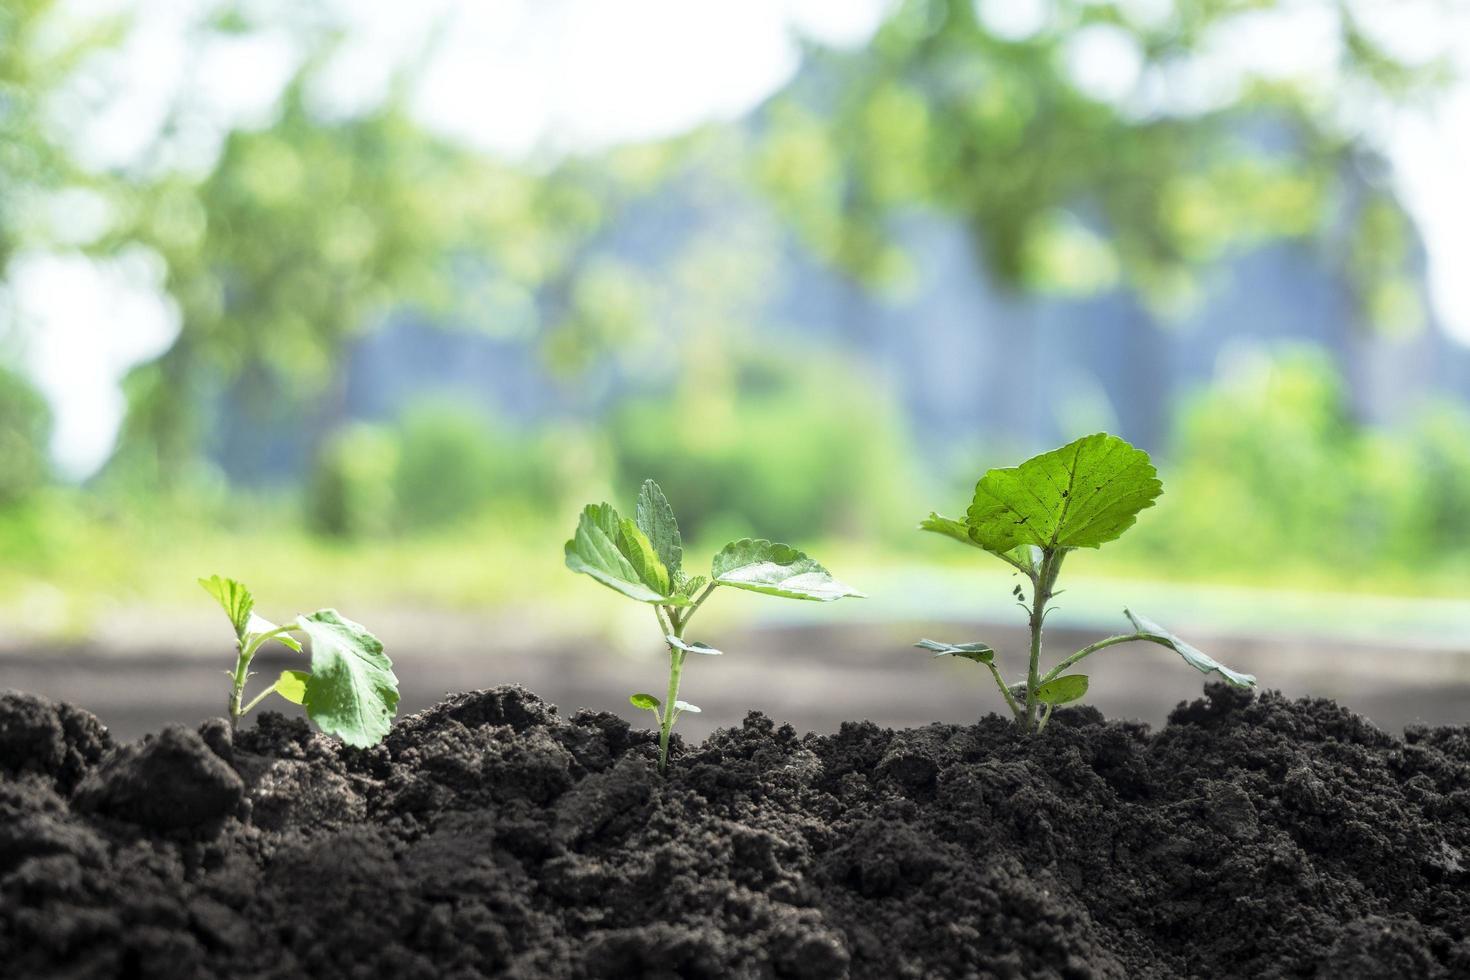 neues Wachstum aus Samen foto